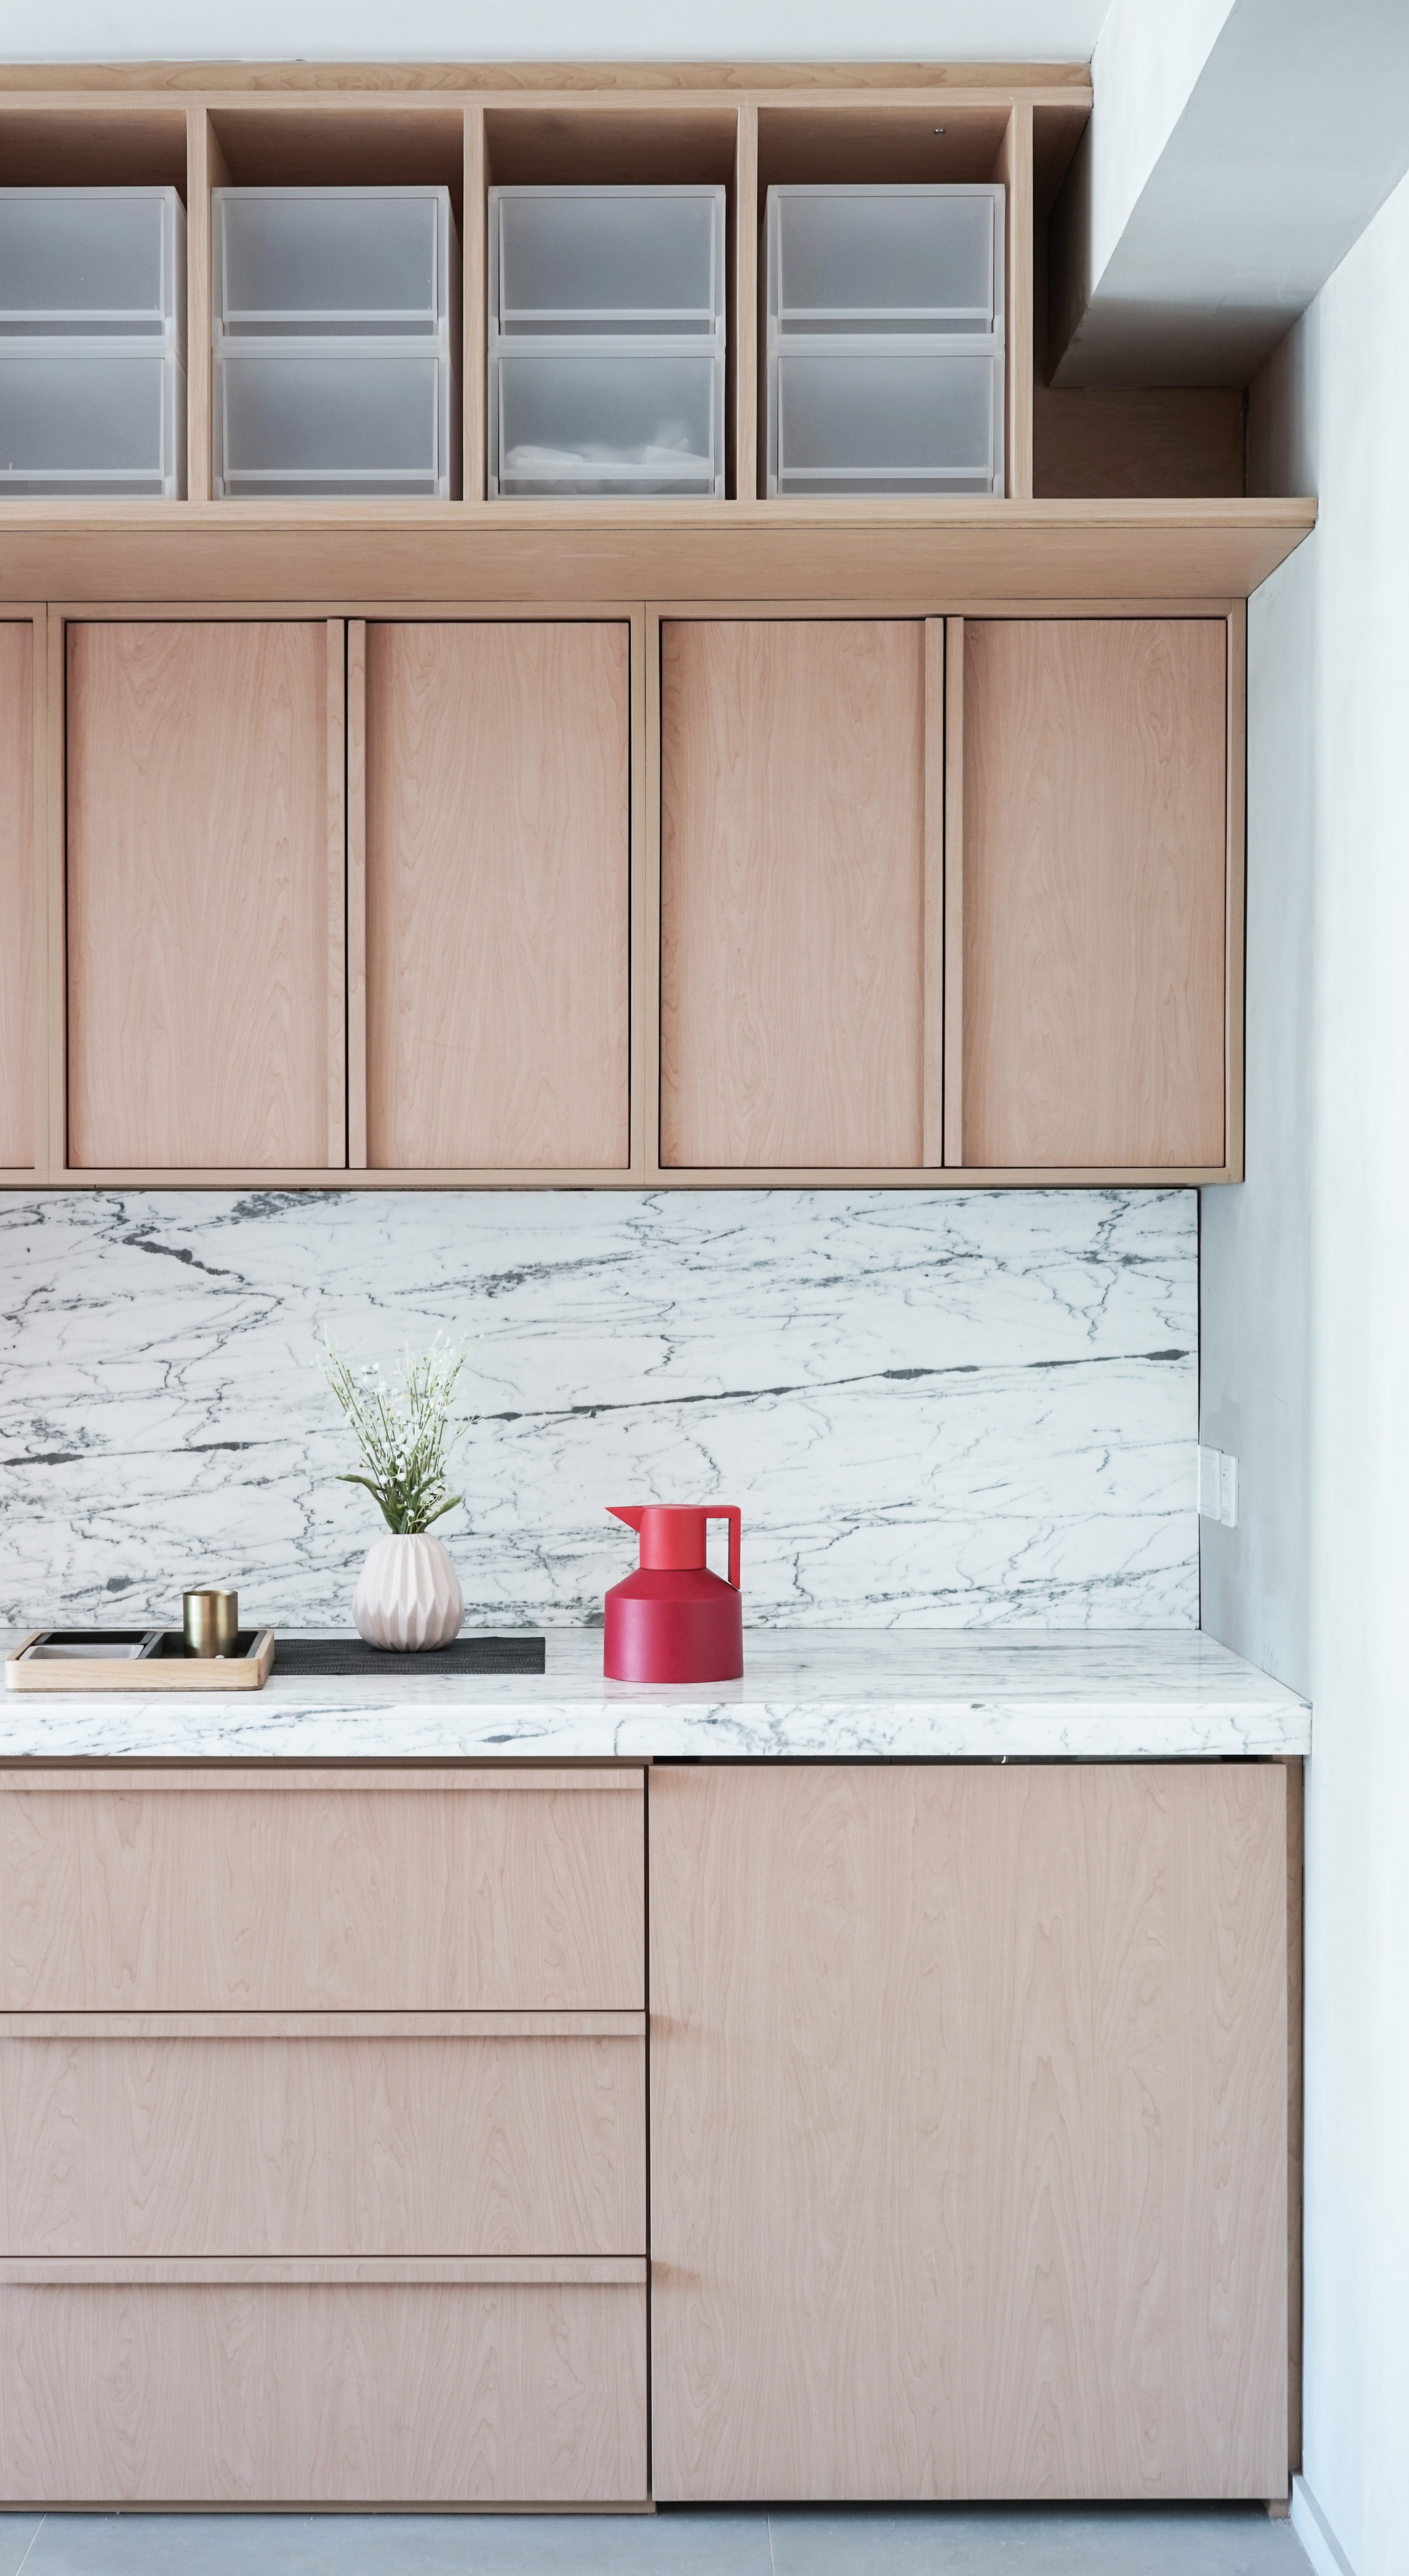 Mk Design London » Small space idea Interiors studio JAAK apartment ...